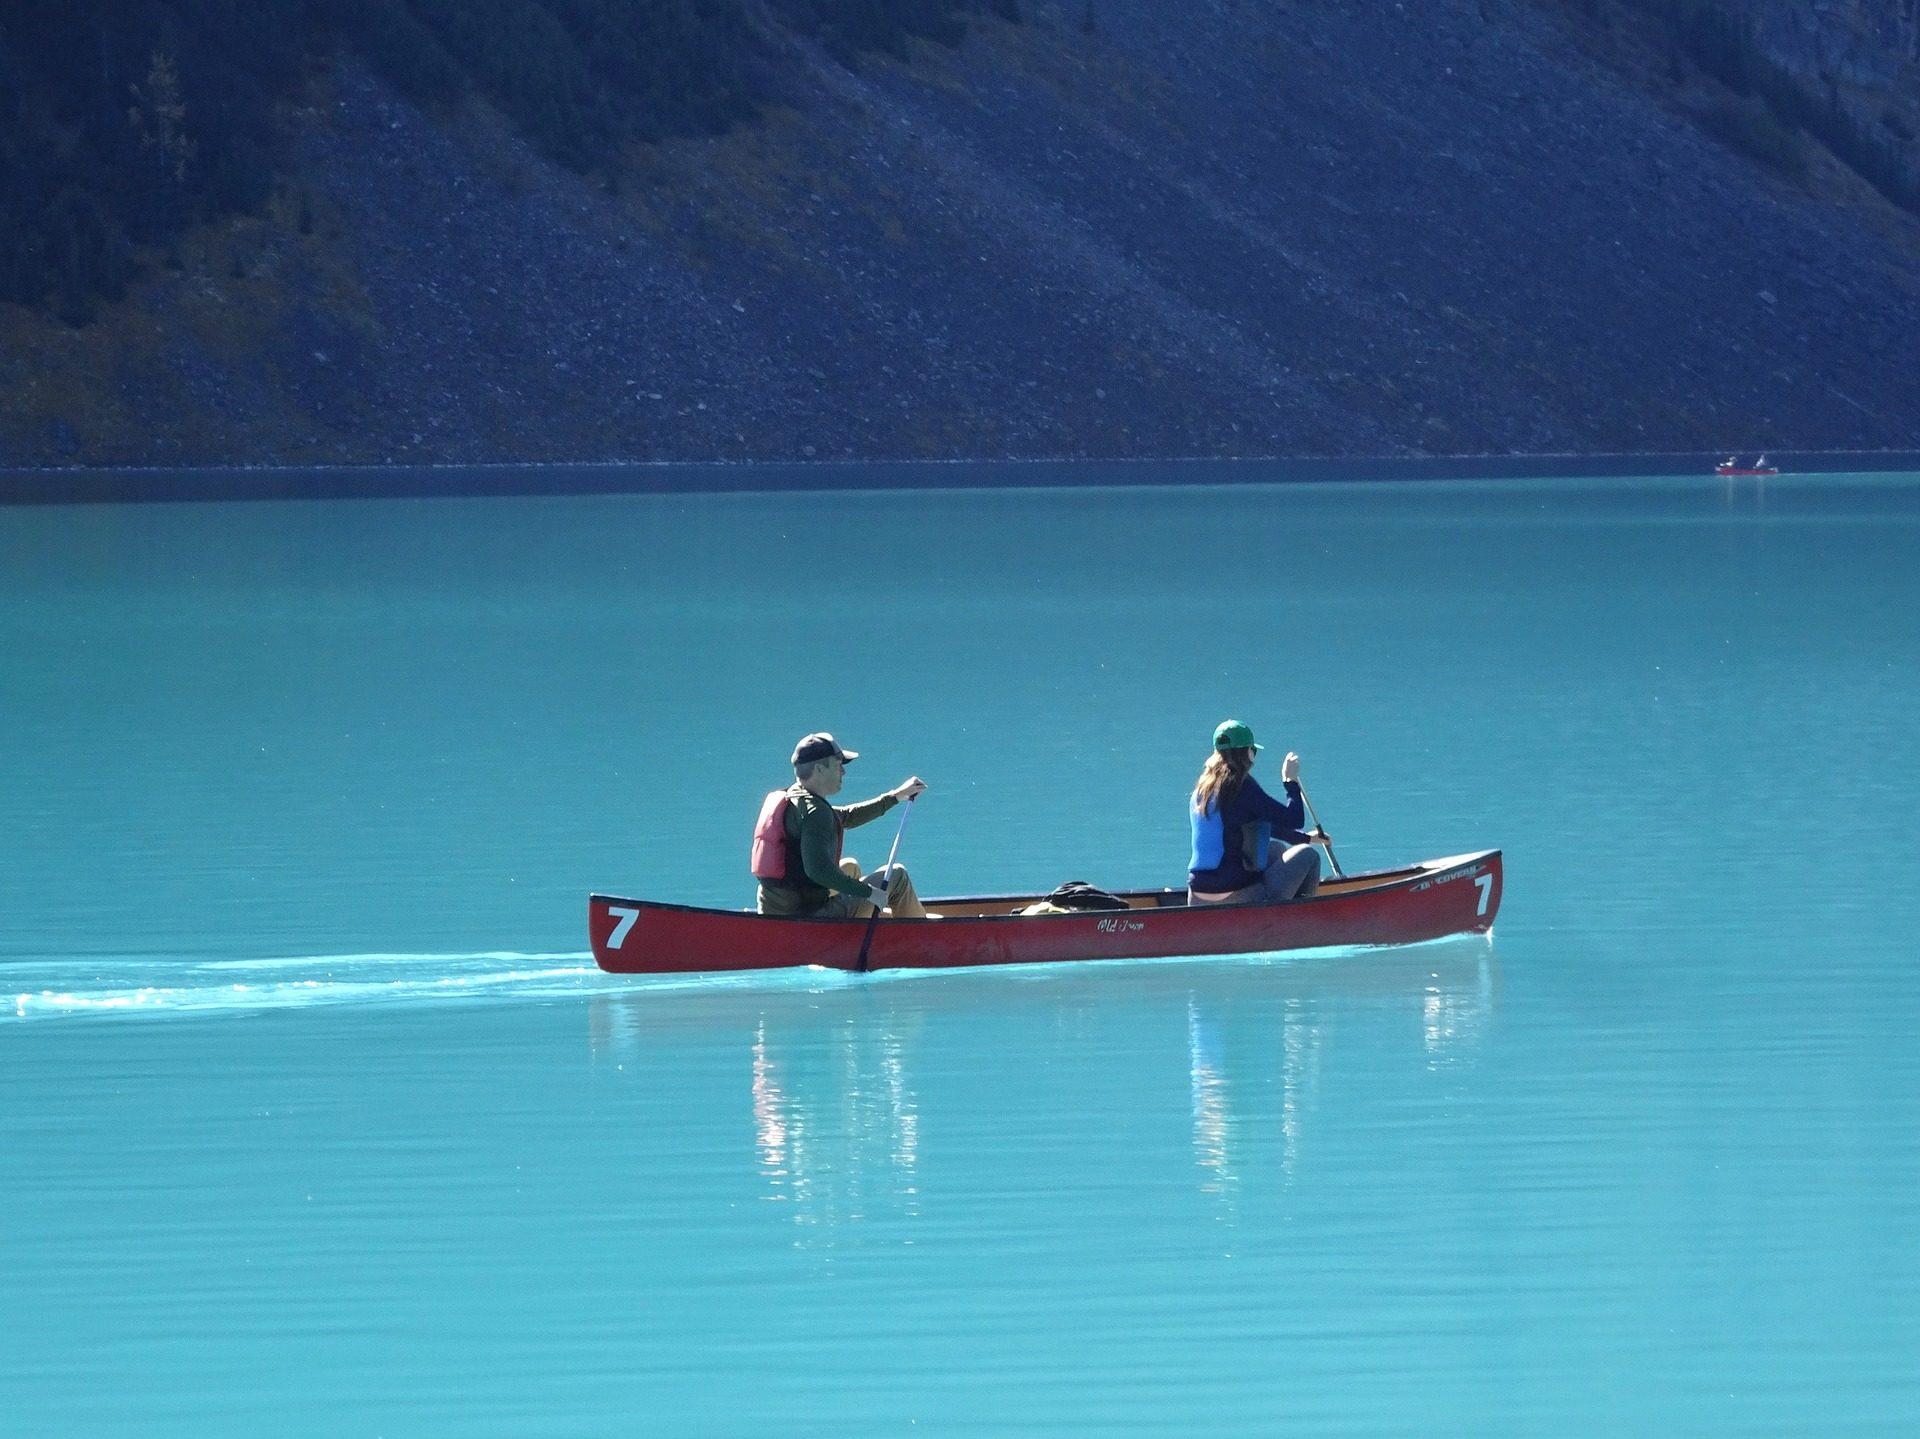 Canoë, couple, Lake, Émeraude, Louise, Canada, montagnes - Fonds d'écran HD - Professor-falken.com